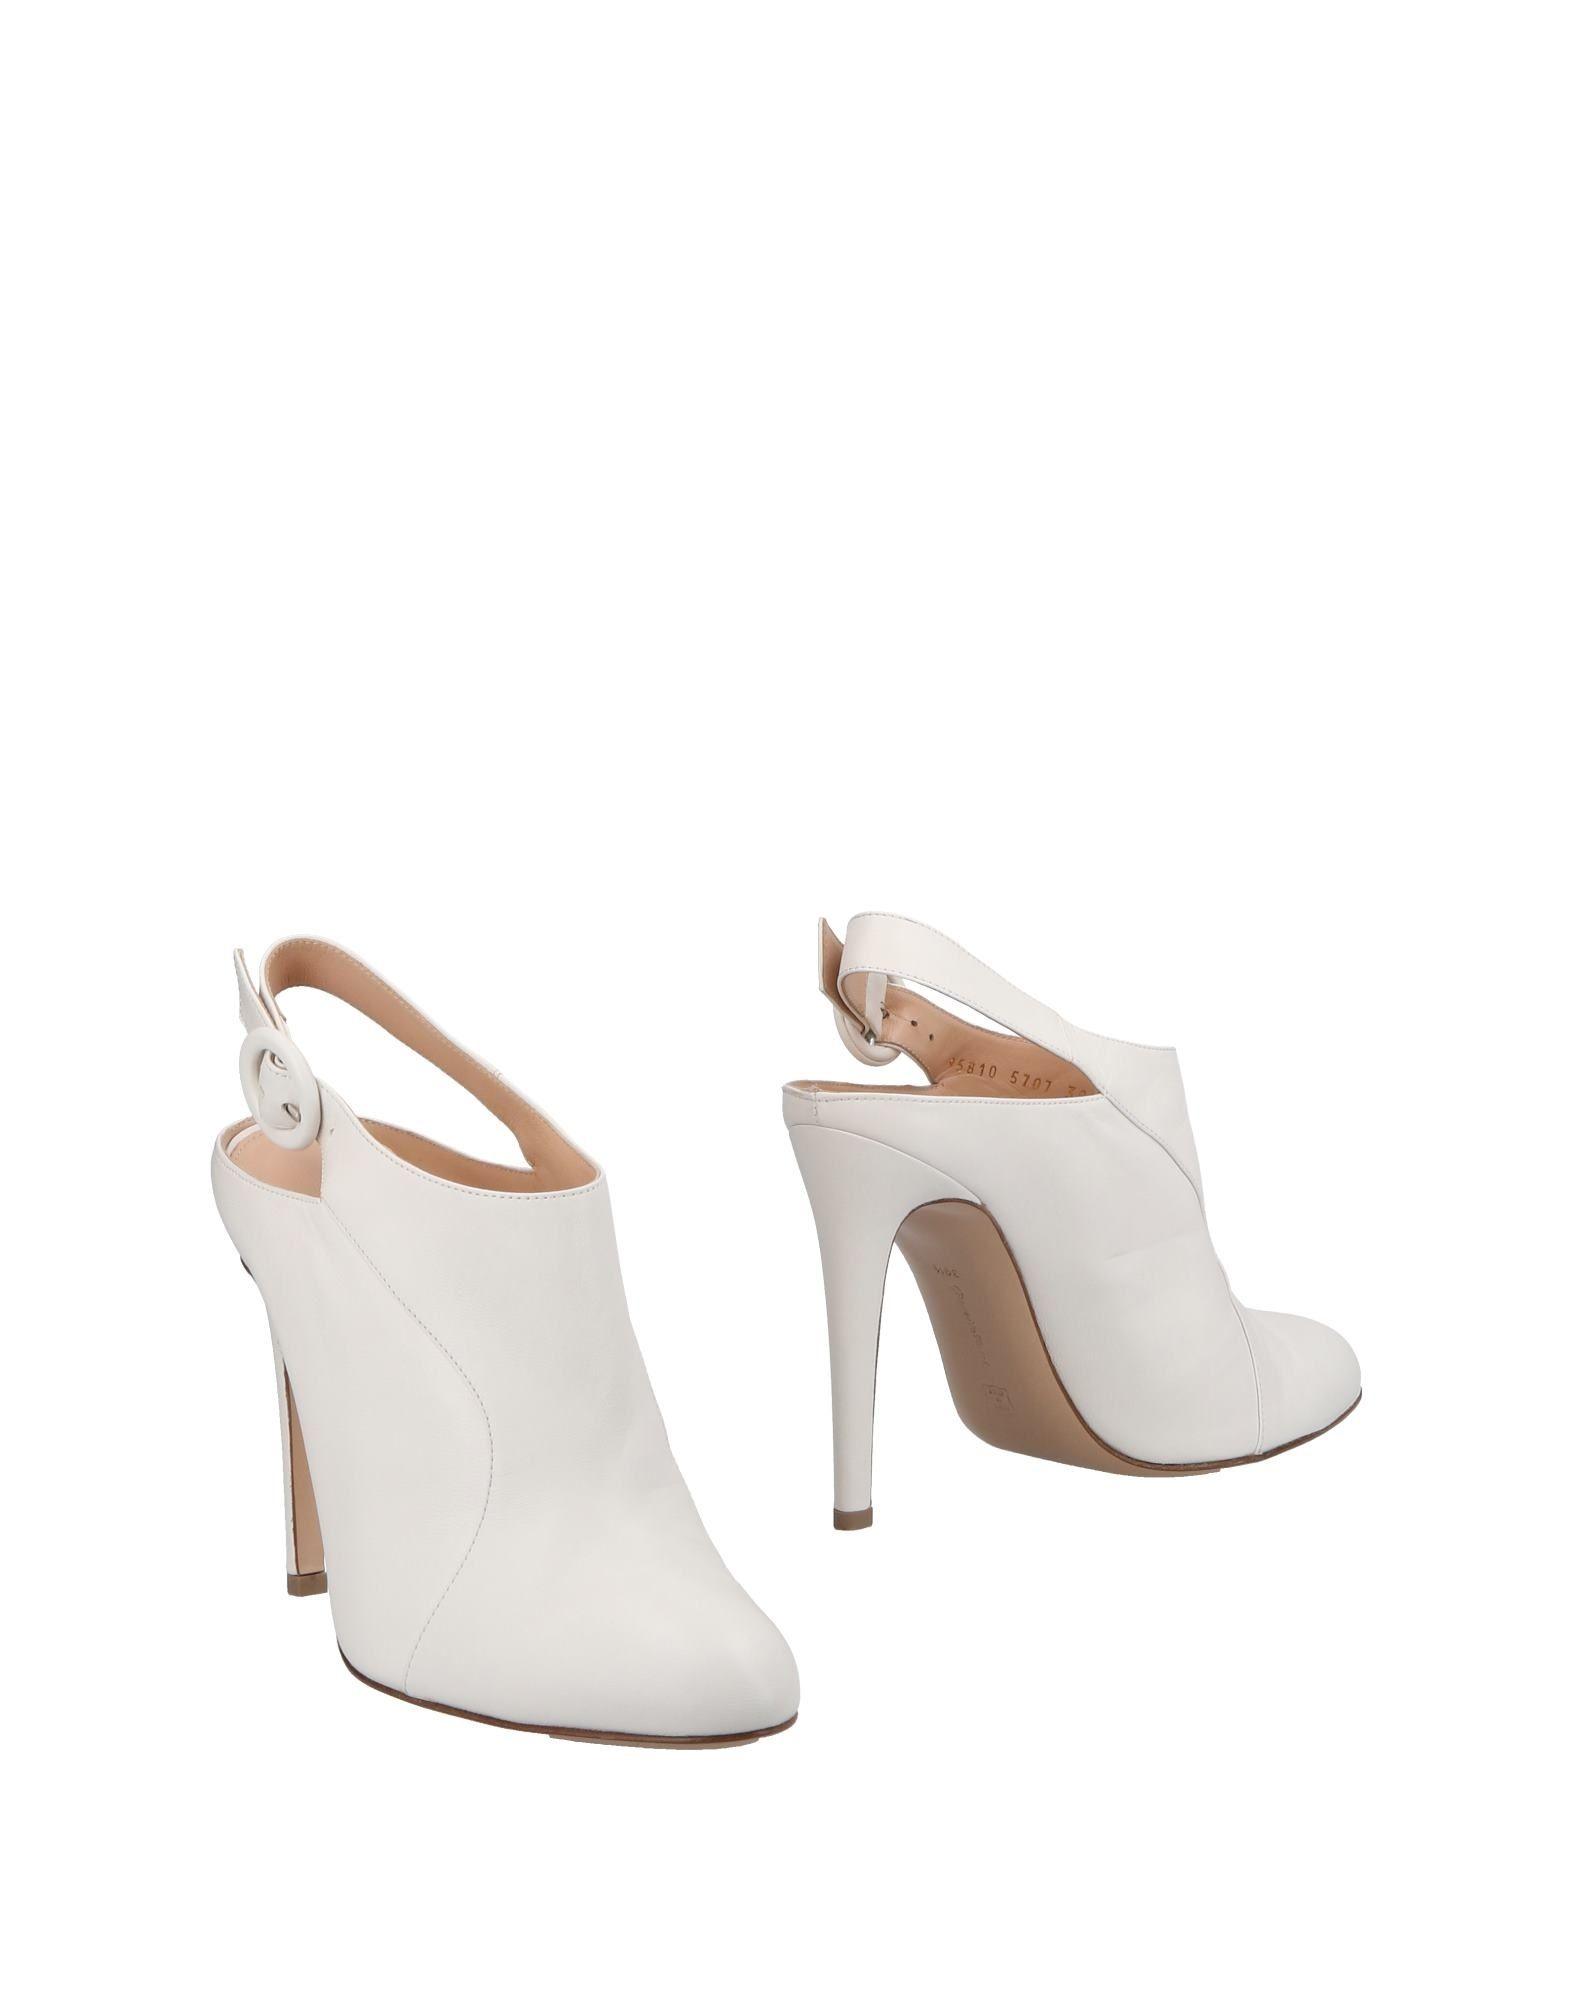 Gianvito Rossi Stiefelette Damen  11495165CAGünstige gut aussehende Schuhe